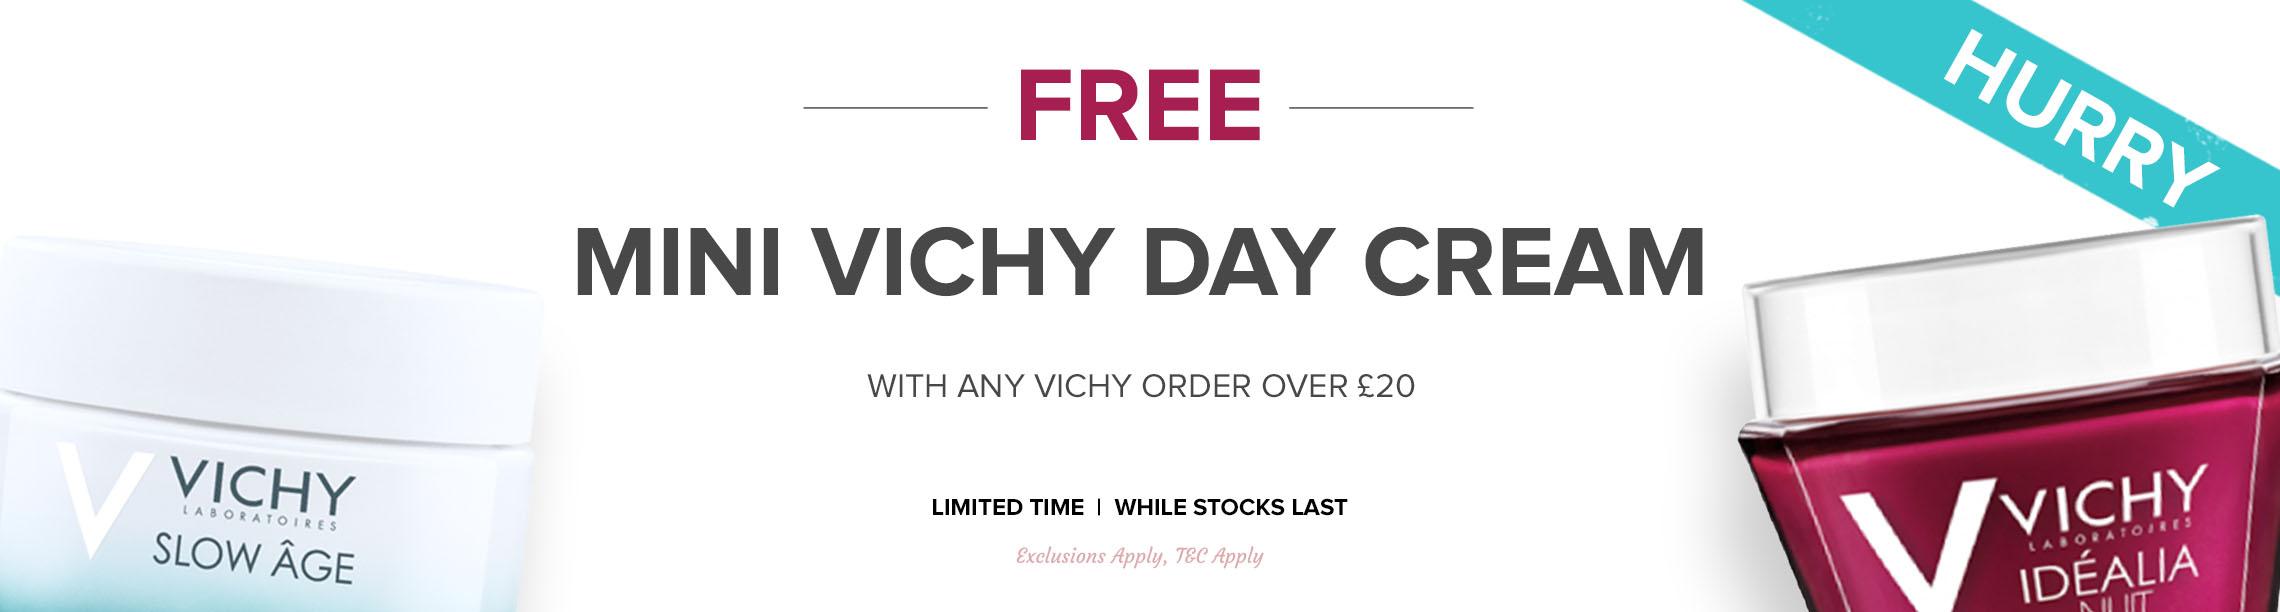 Free Mini Vichy Day Cream